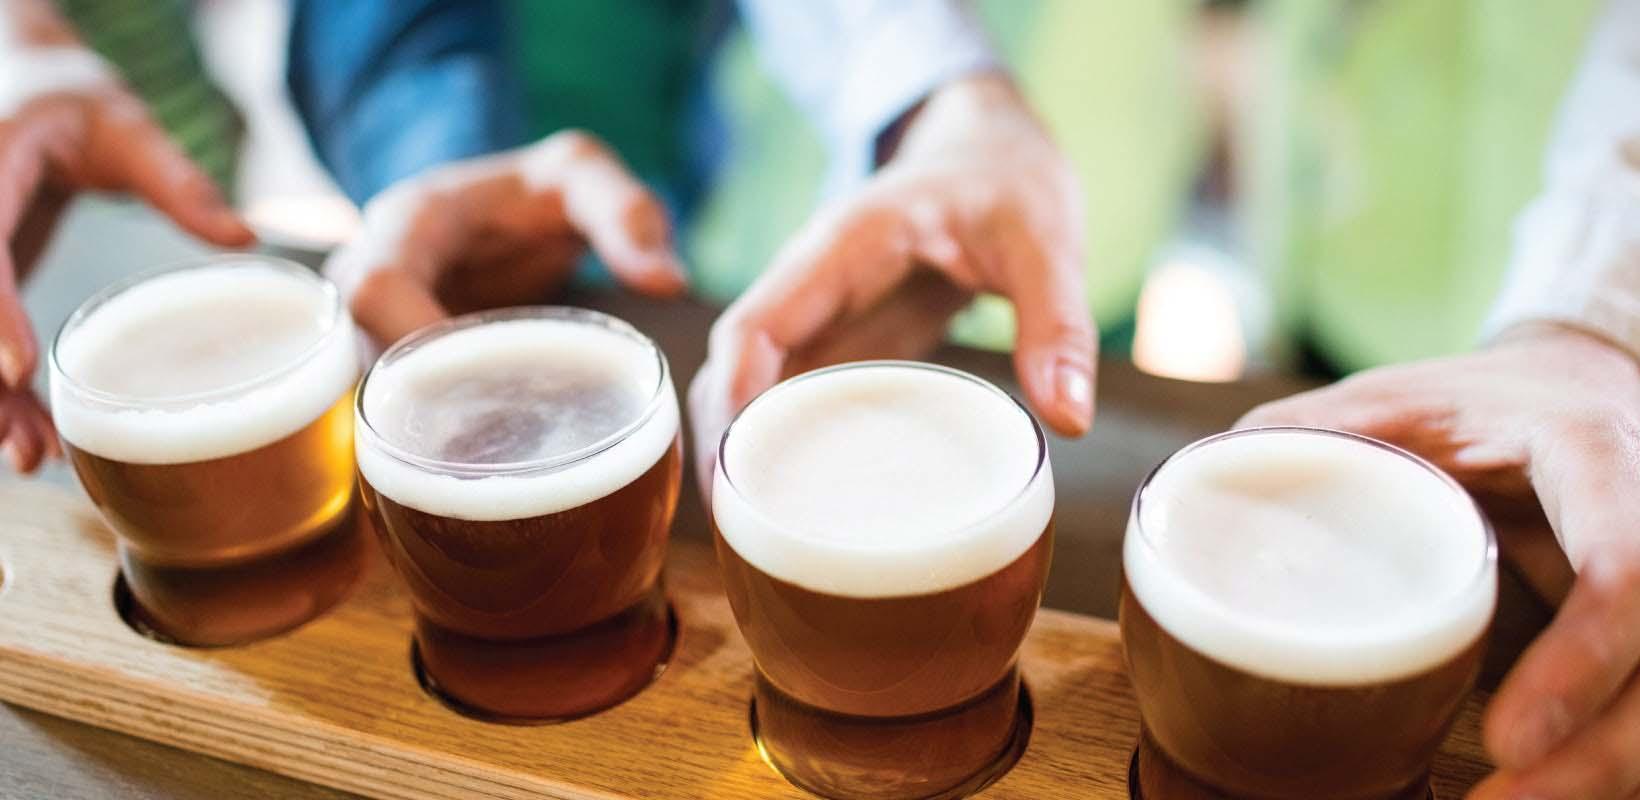 san diego craft brewery tour